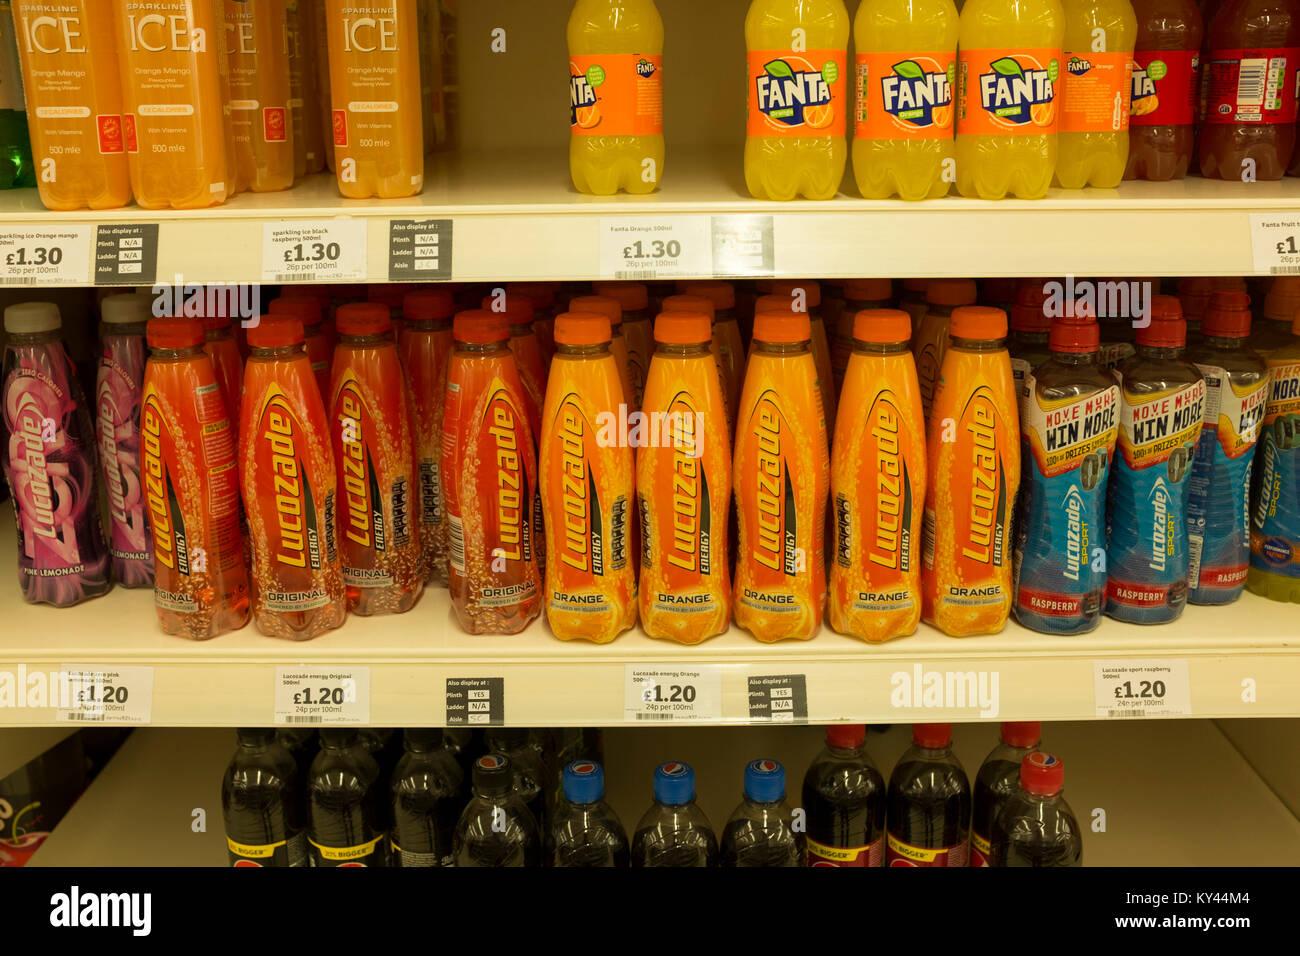 Lucozade Energy drinks bottles on display in supermarket shelves, UK - Stock Image